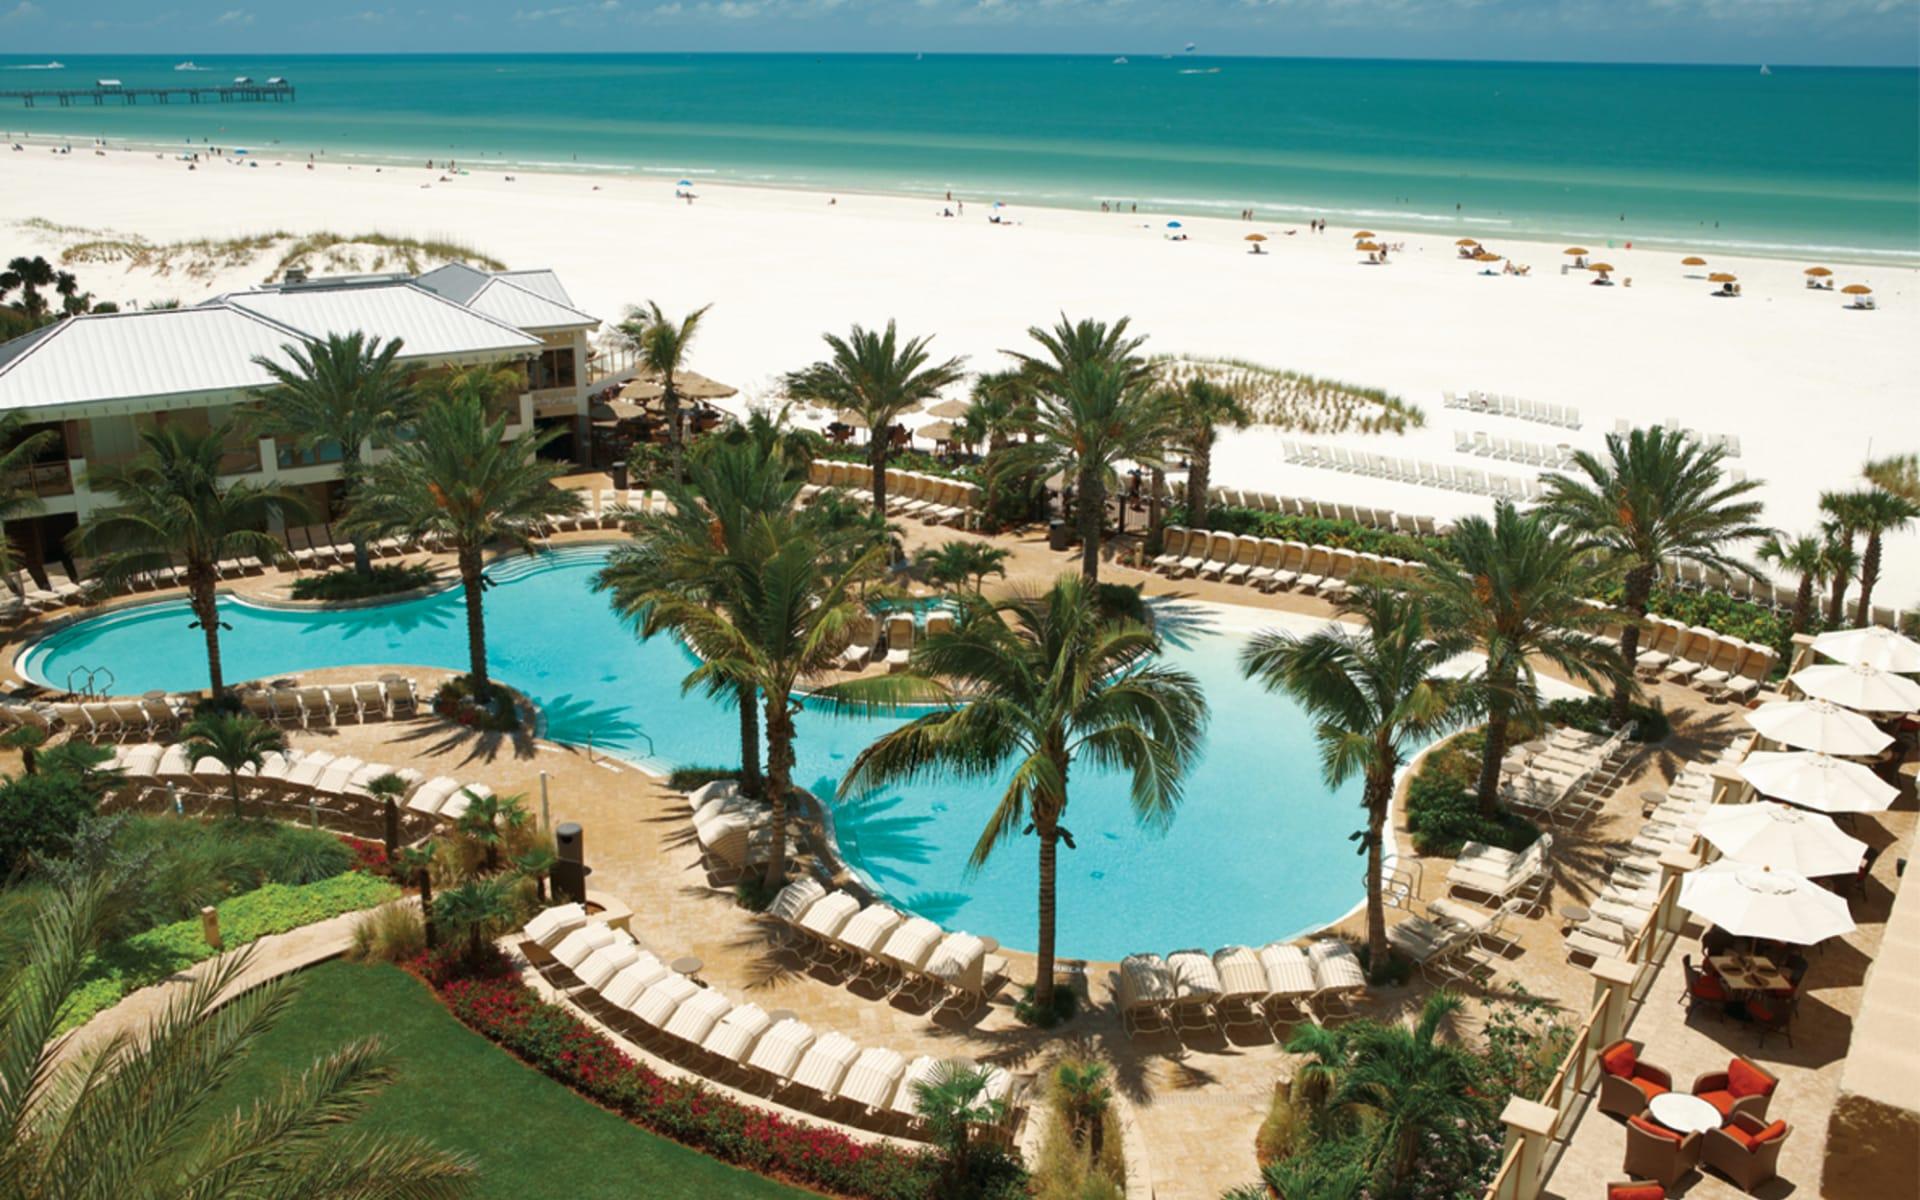 Sandpearl Resort in Clearwater Beach: pool sandpearl resort palmen liegestühle